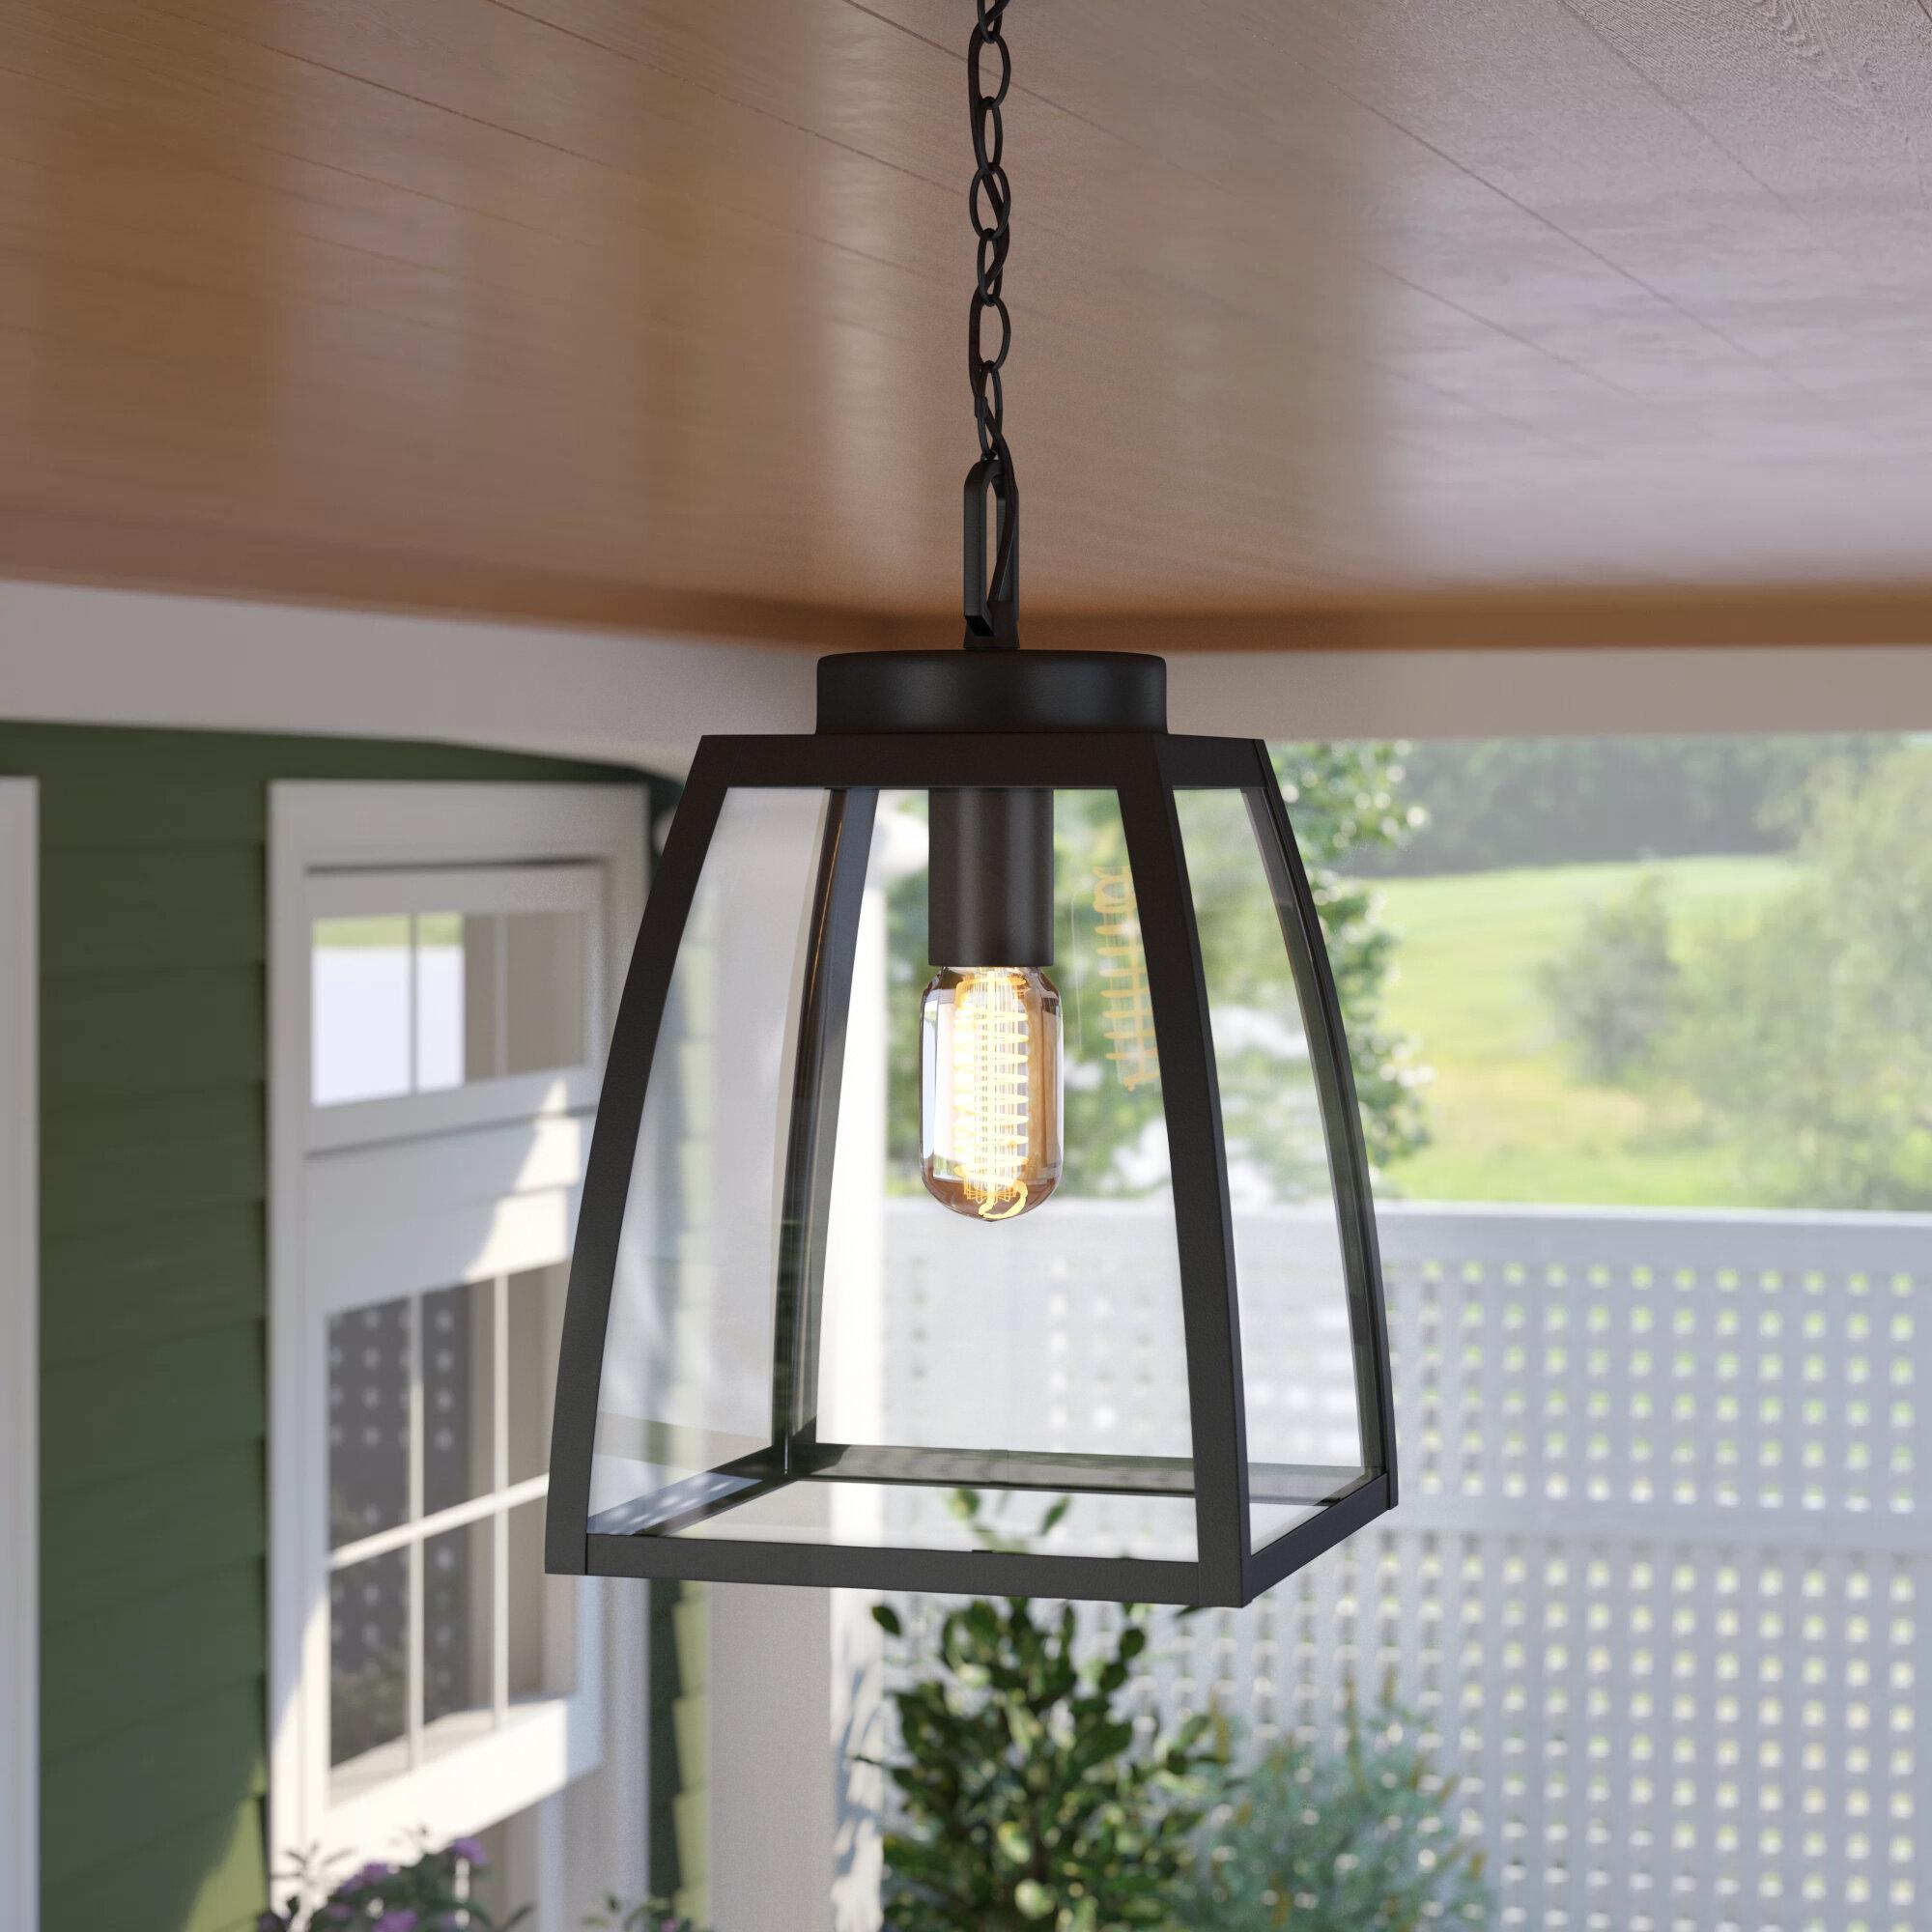 Outdoor Hanging Lights You Ll Love In 2020 Wayfair